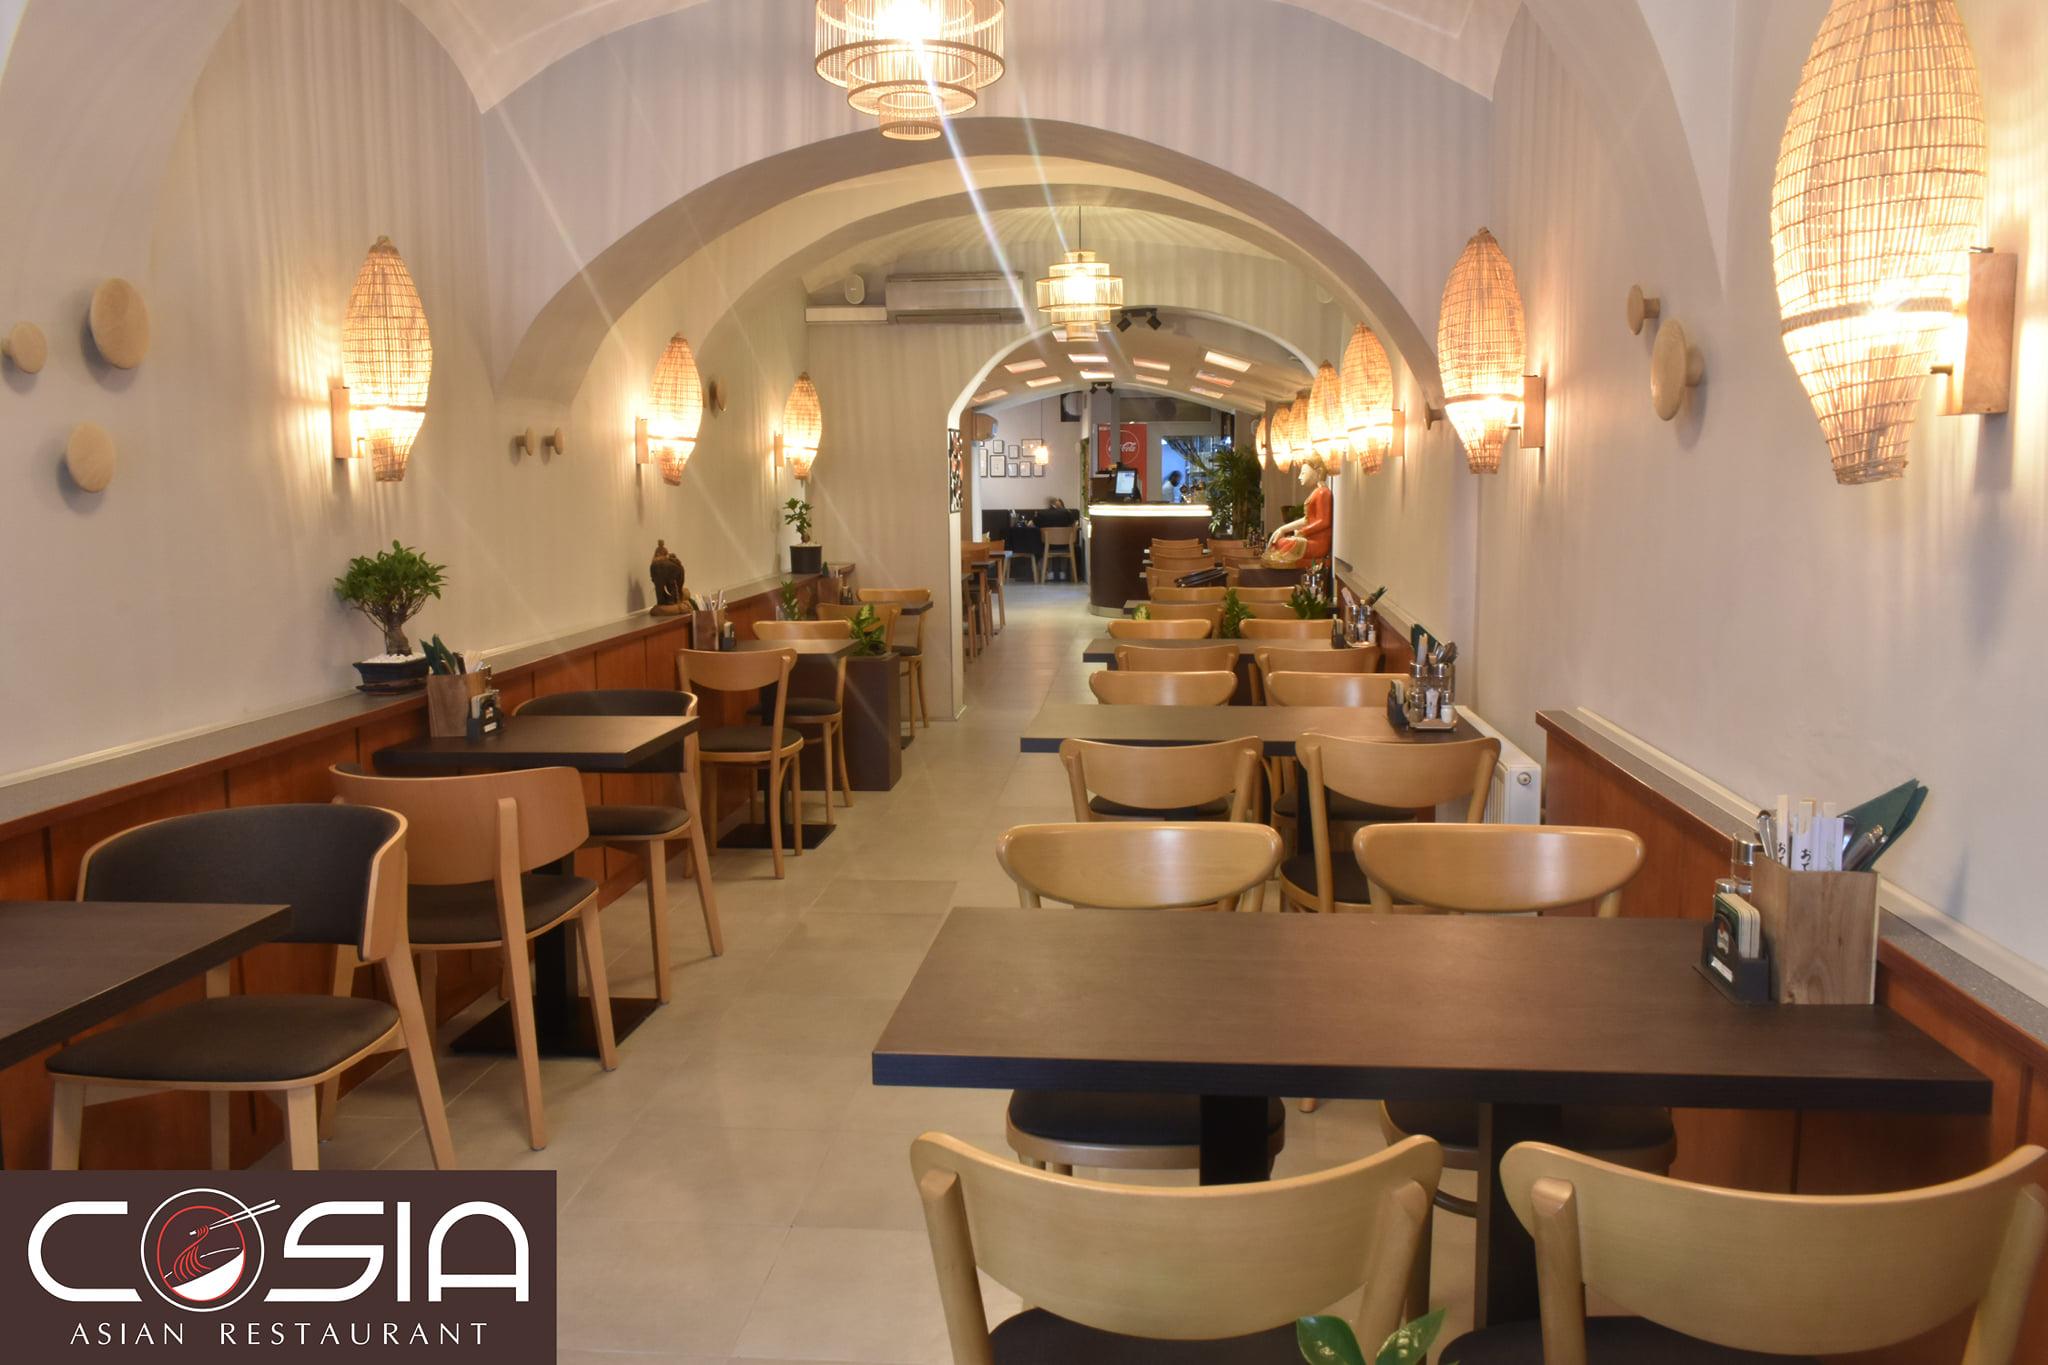 COSIA Asian restaurant interiér